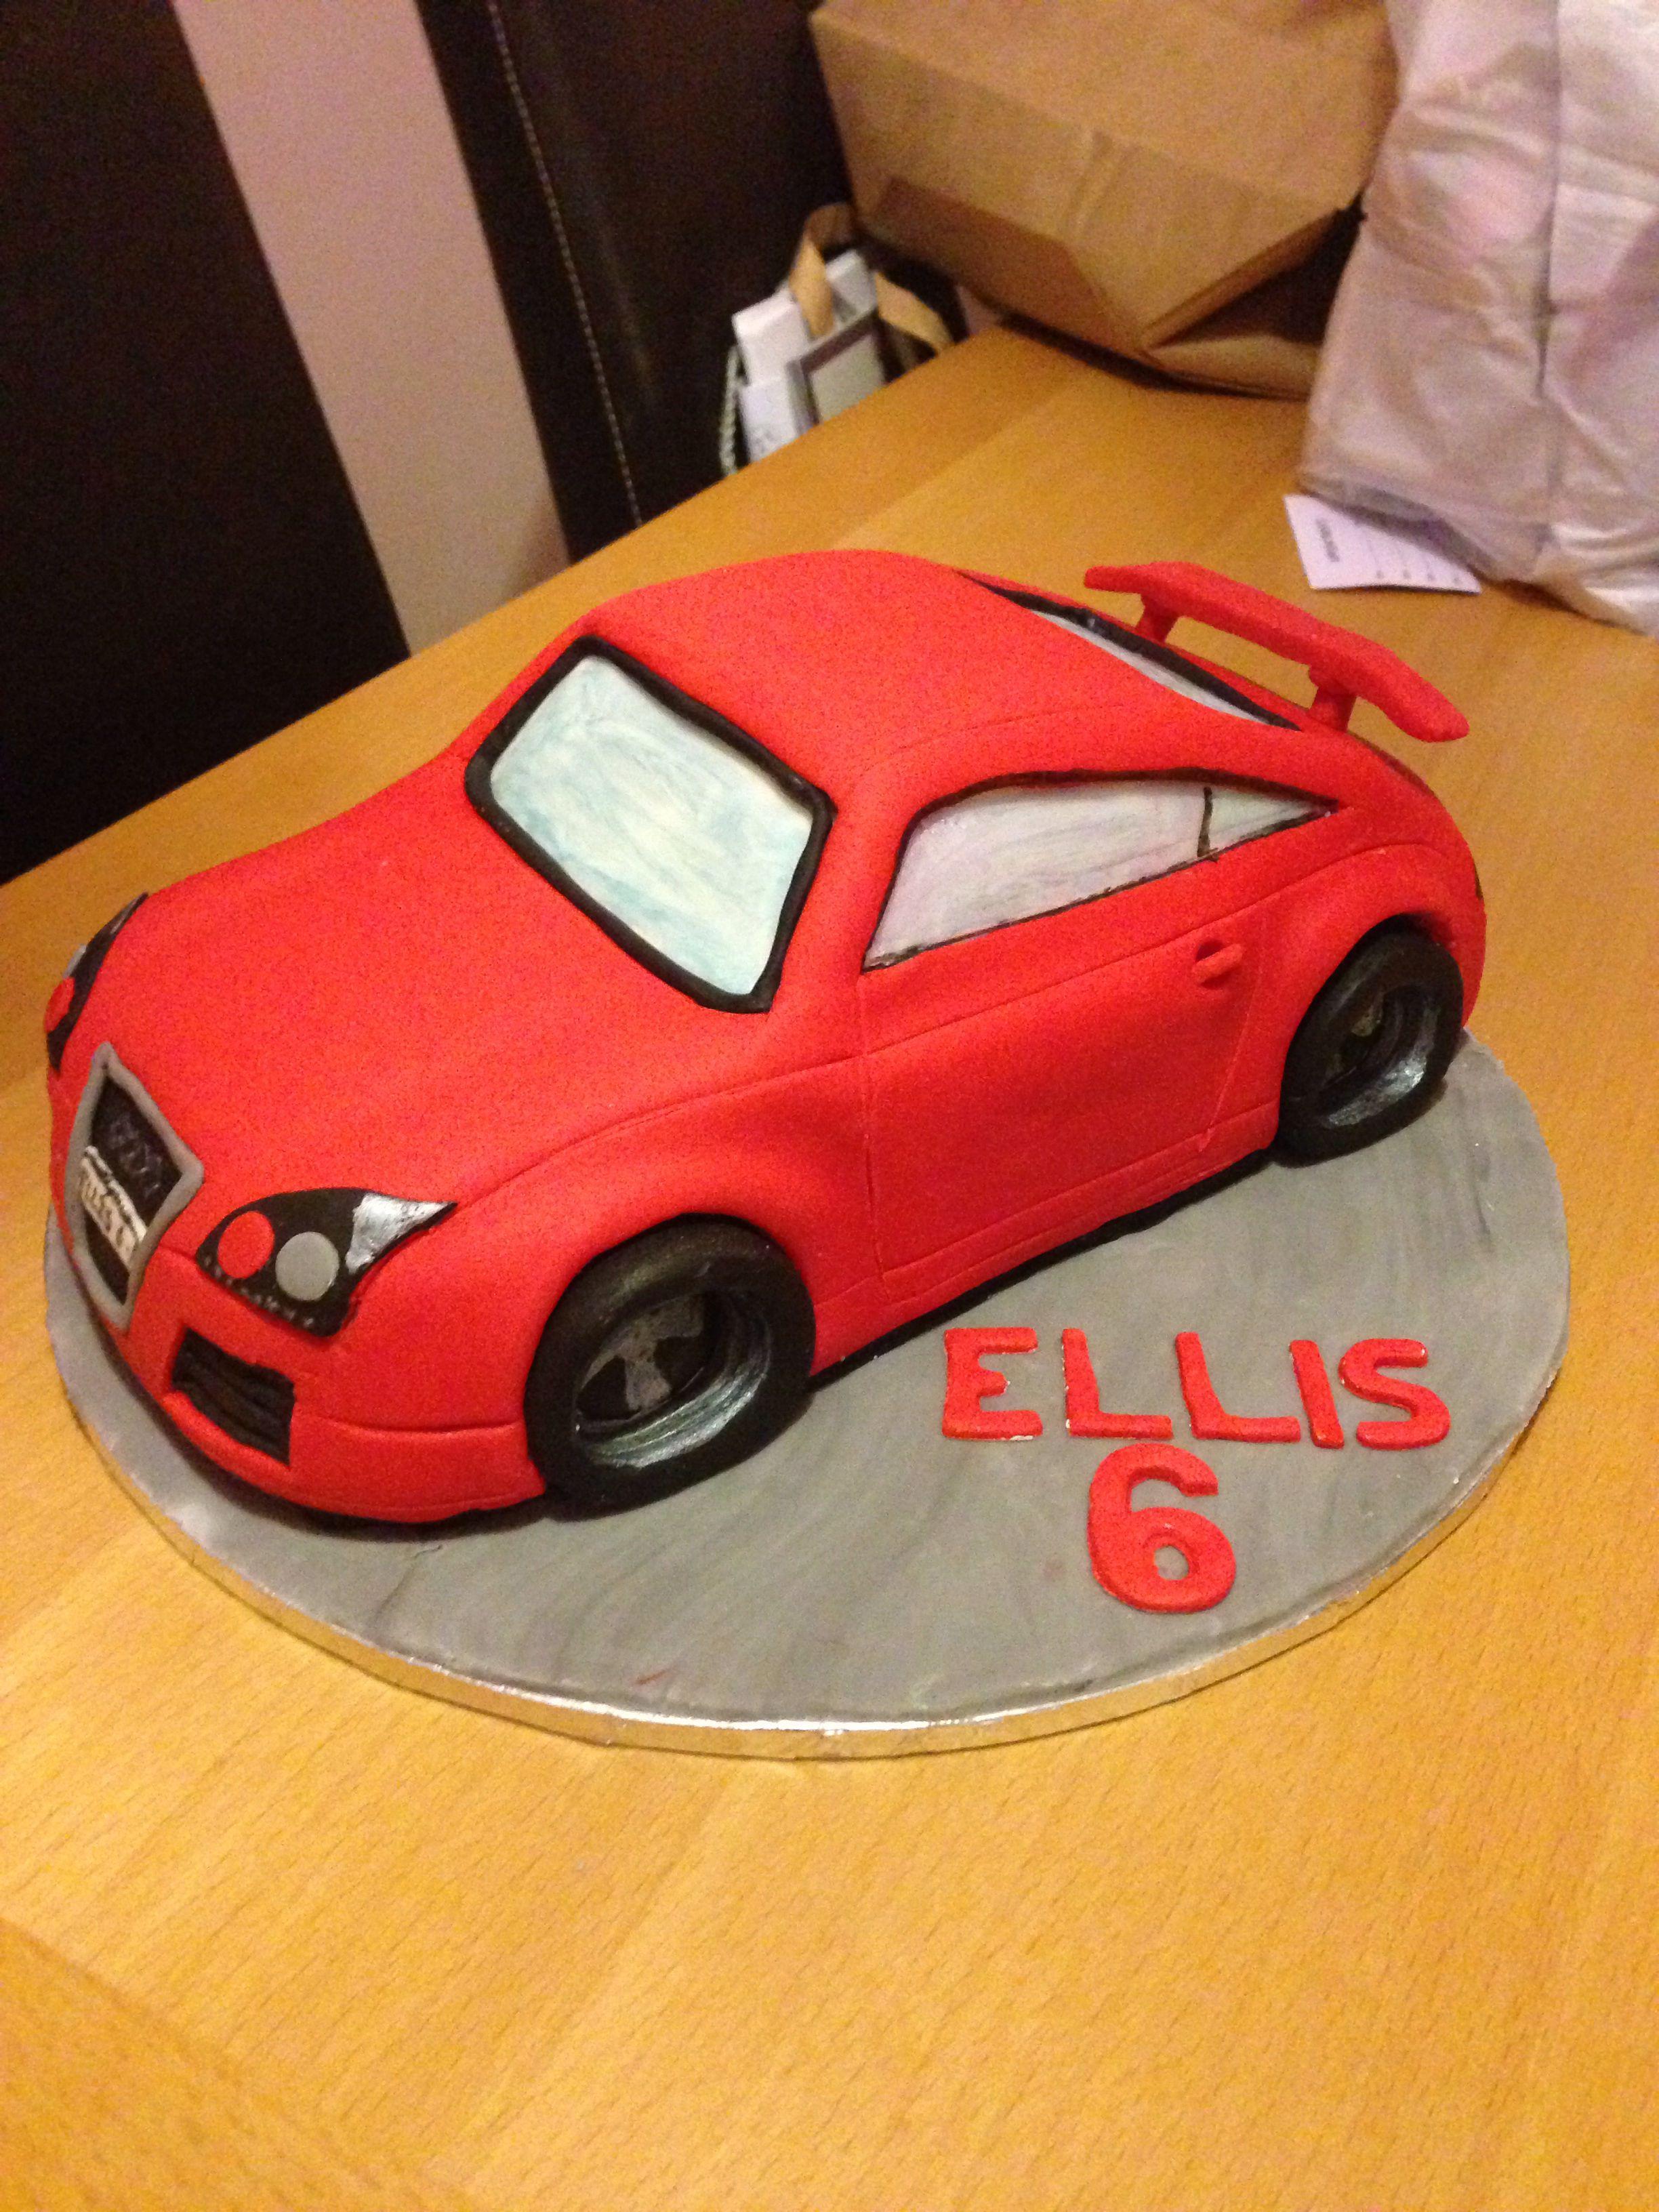 Audi Tt Hand Carved 3d Car Cake Kujutortide õpetused In 2019